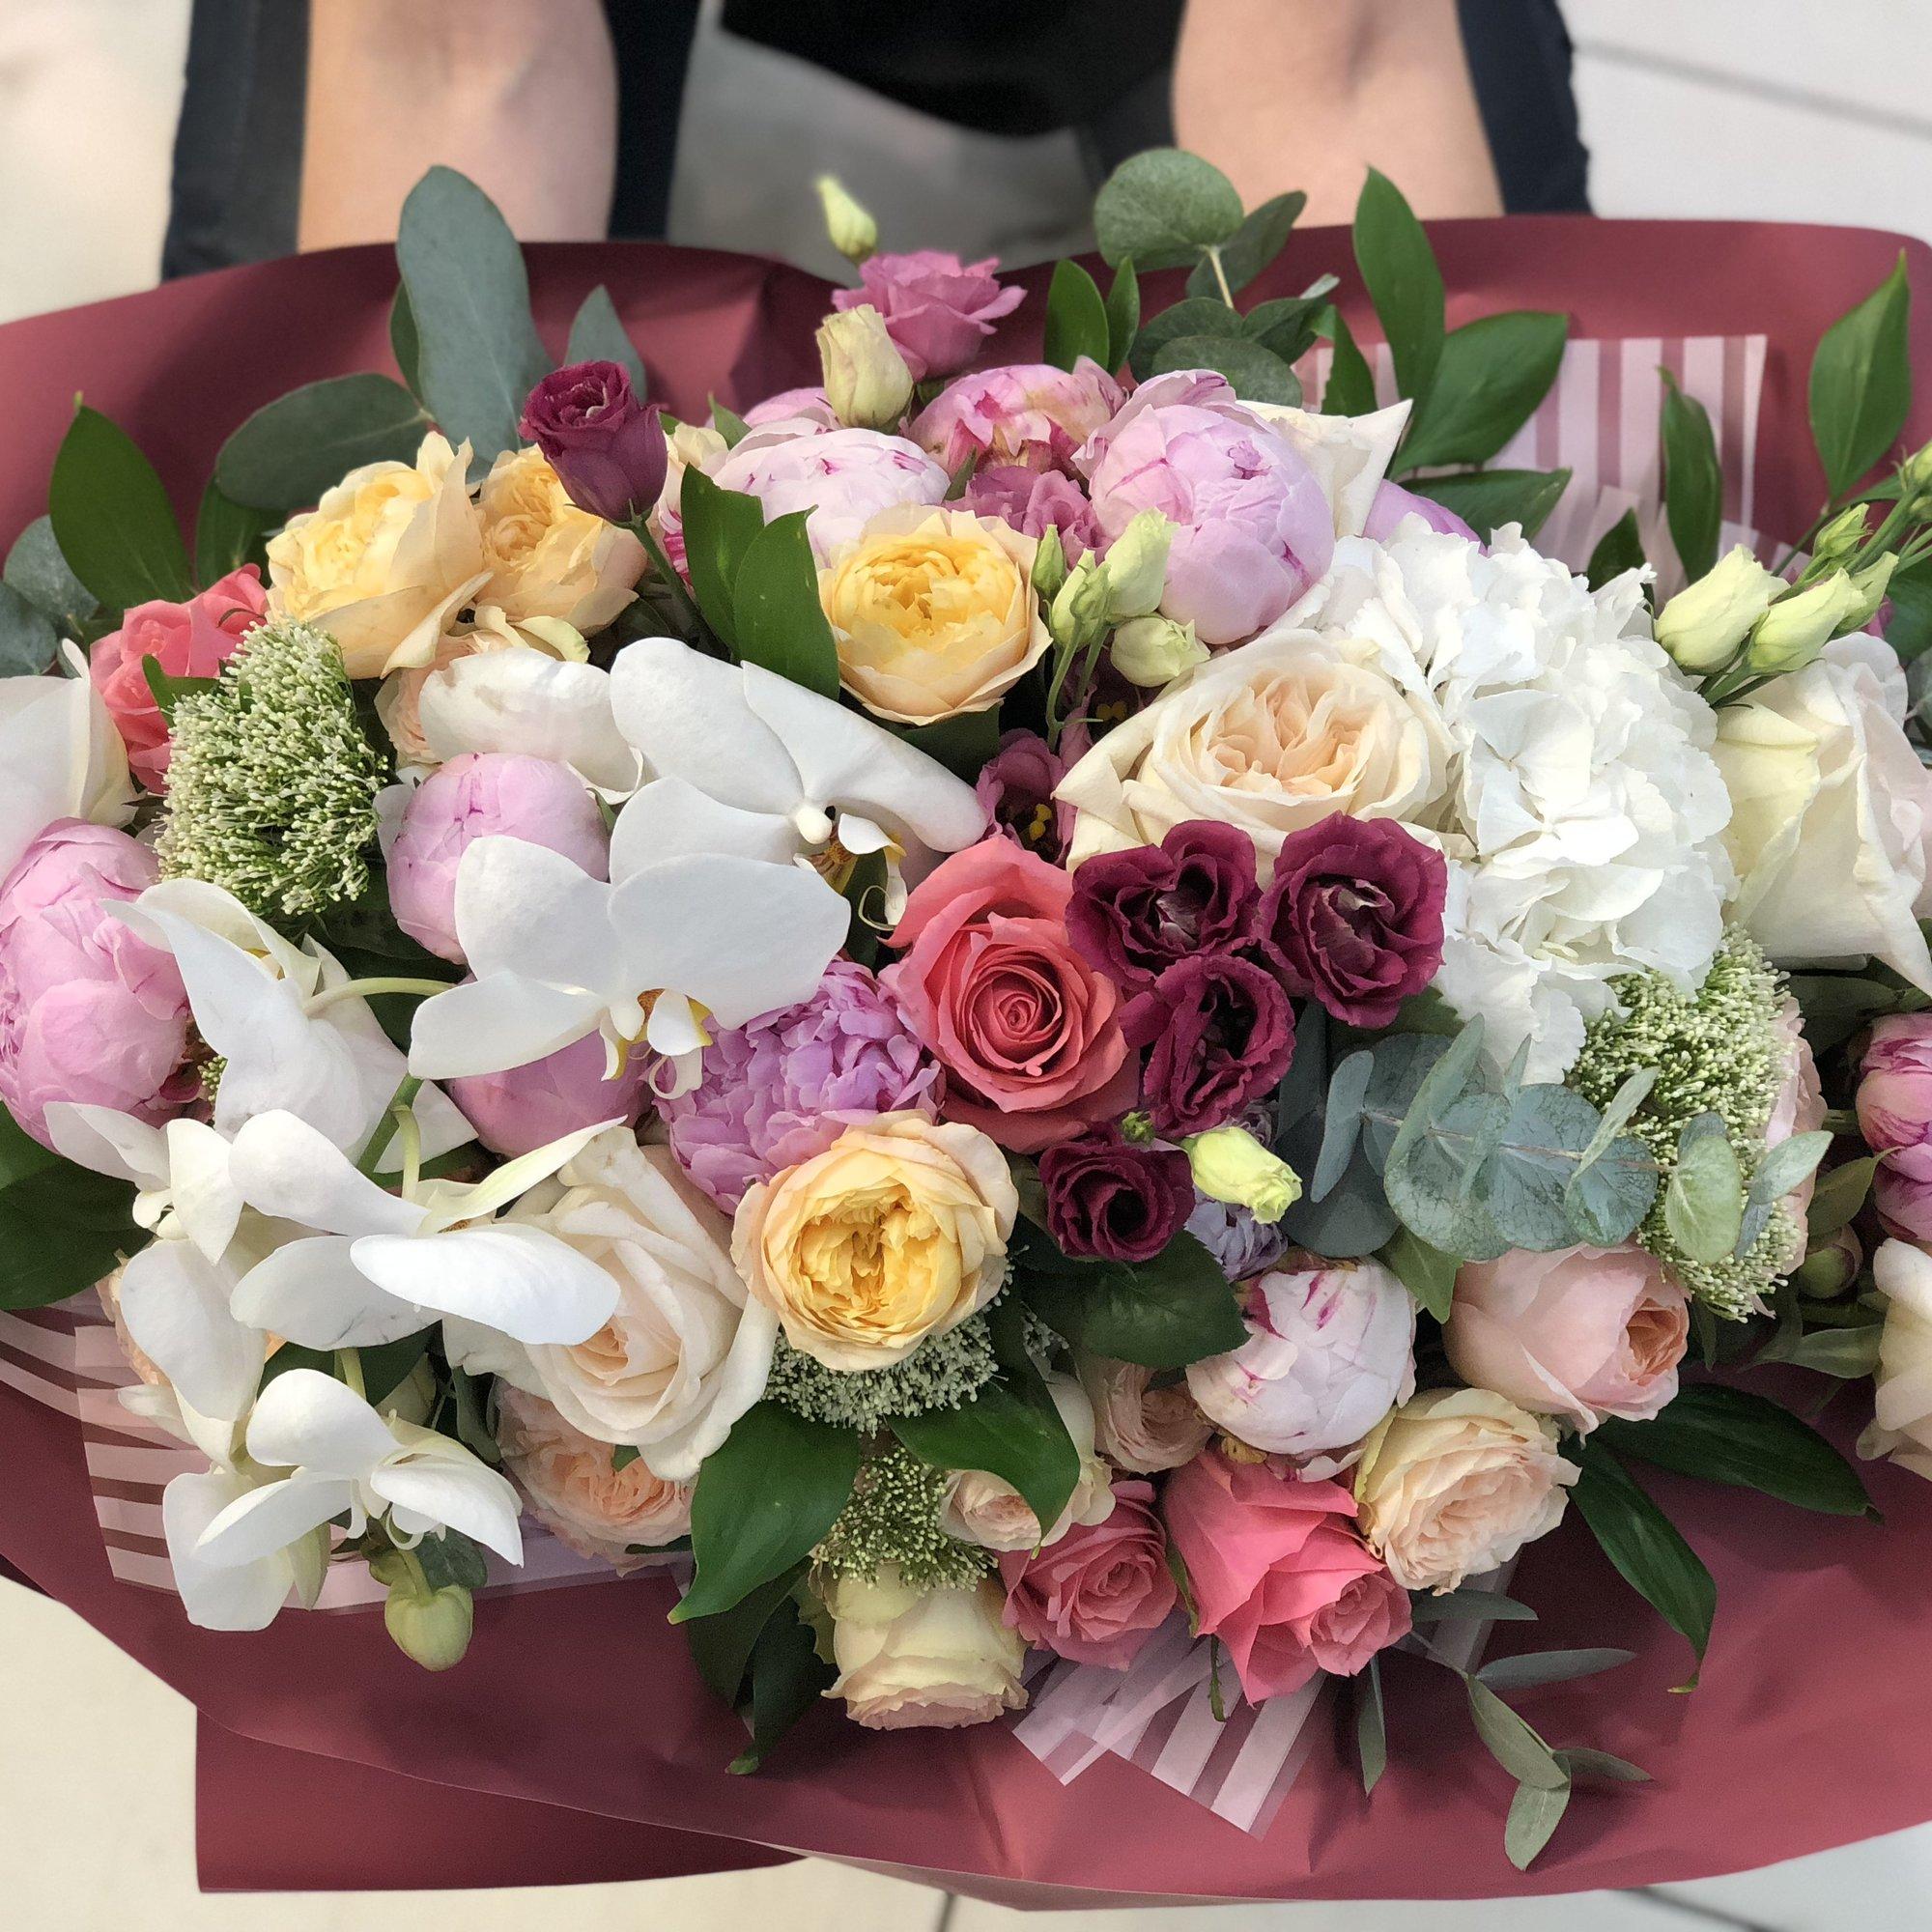 Доставка цветов на мичуринском, цветов пловдиве